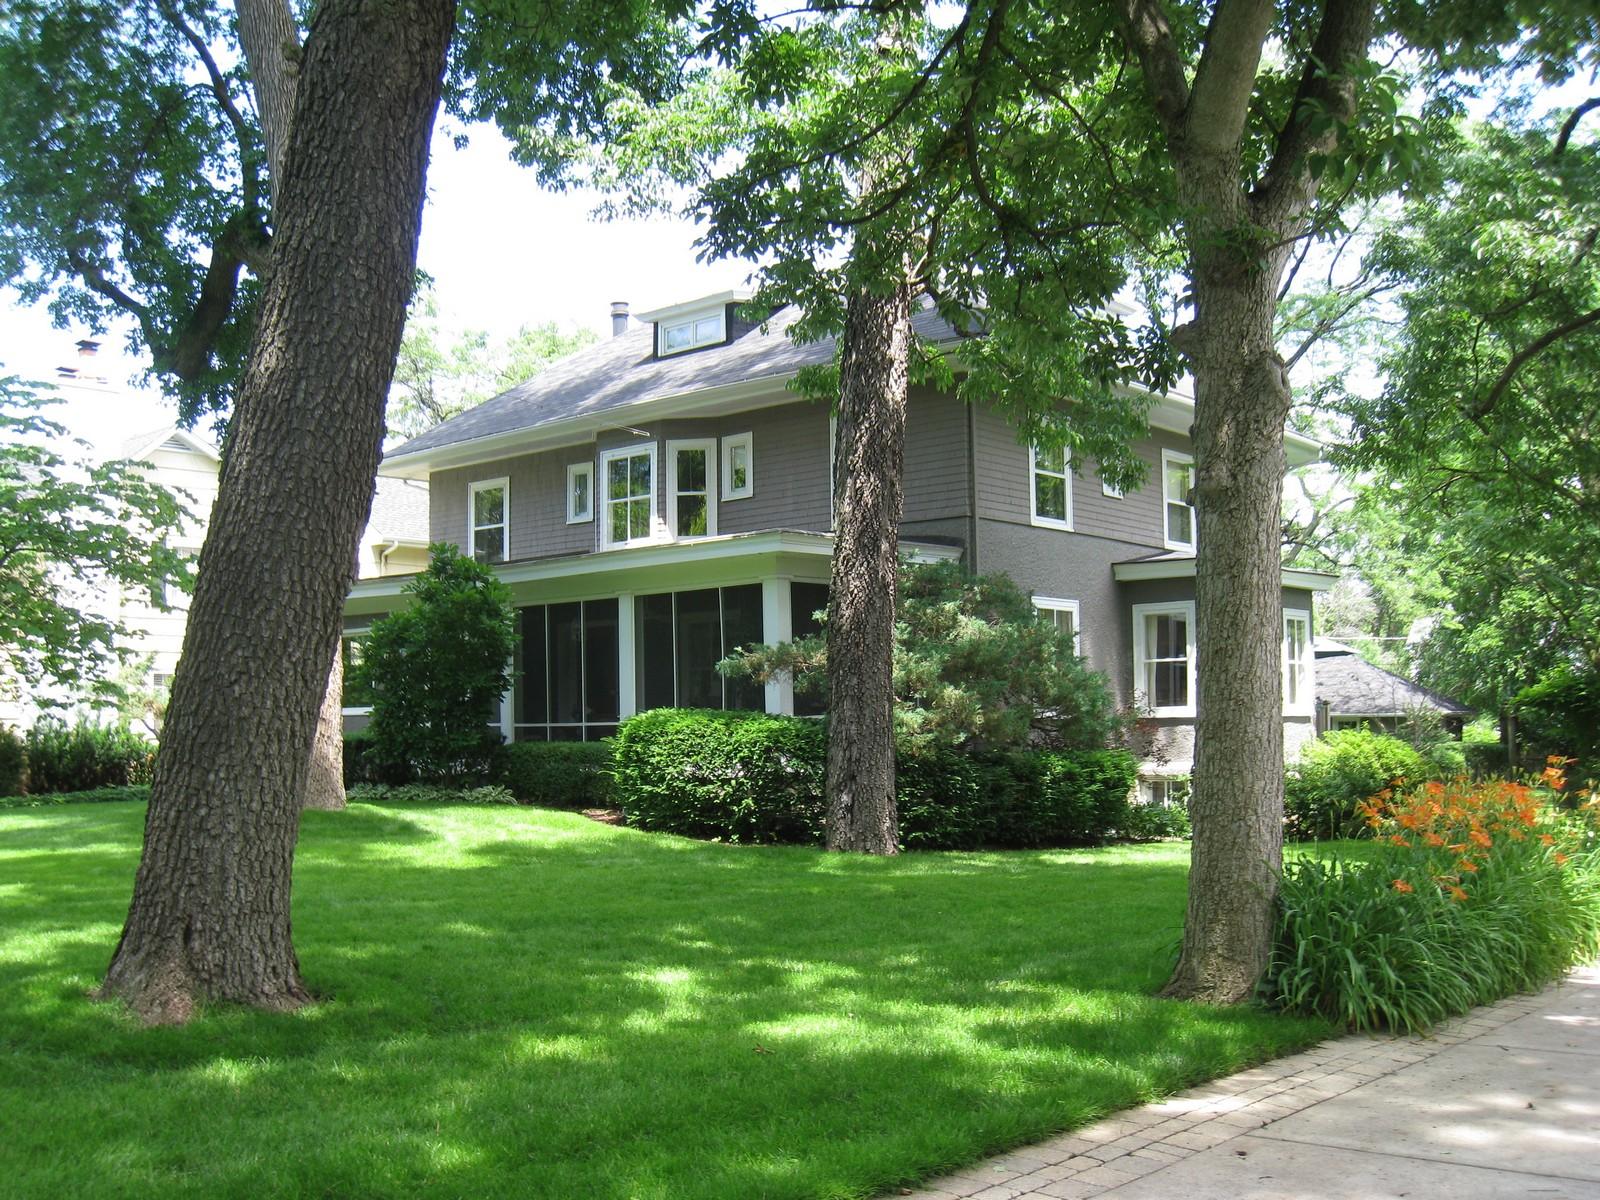 Maison unifamiliale pour l Vente à 123 N Washington Hinsdale, Illinois, 60521 États-Unis